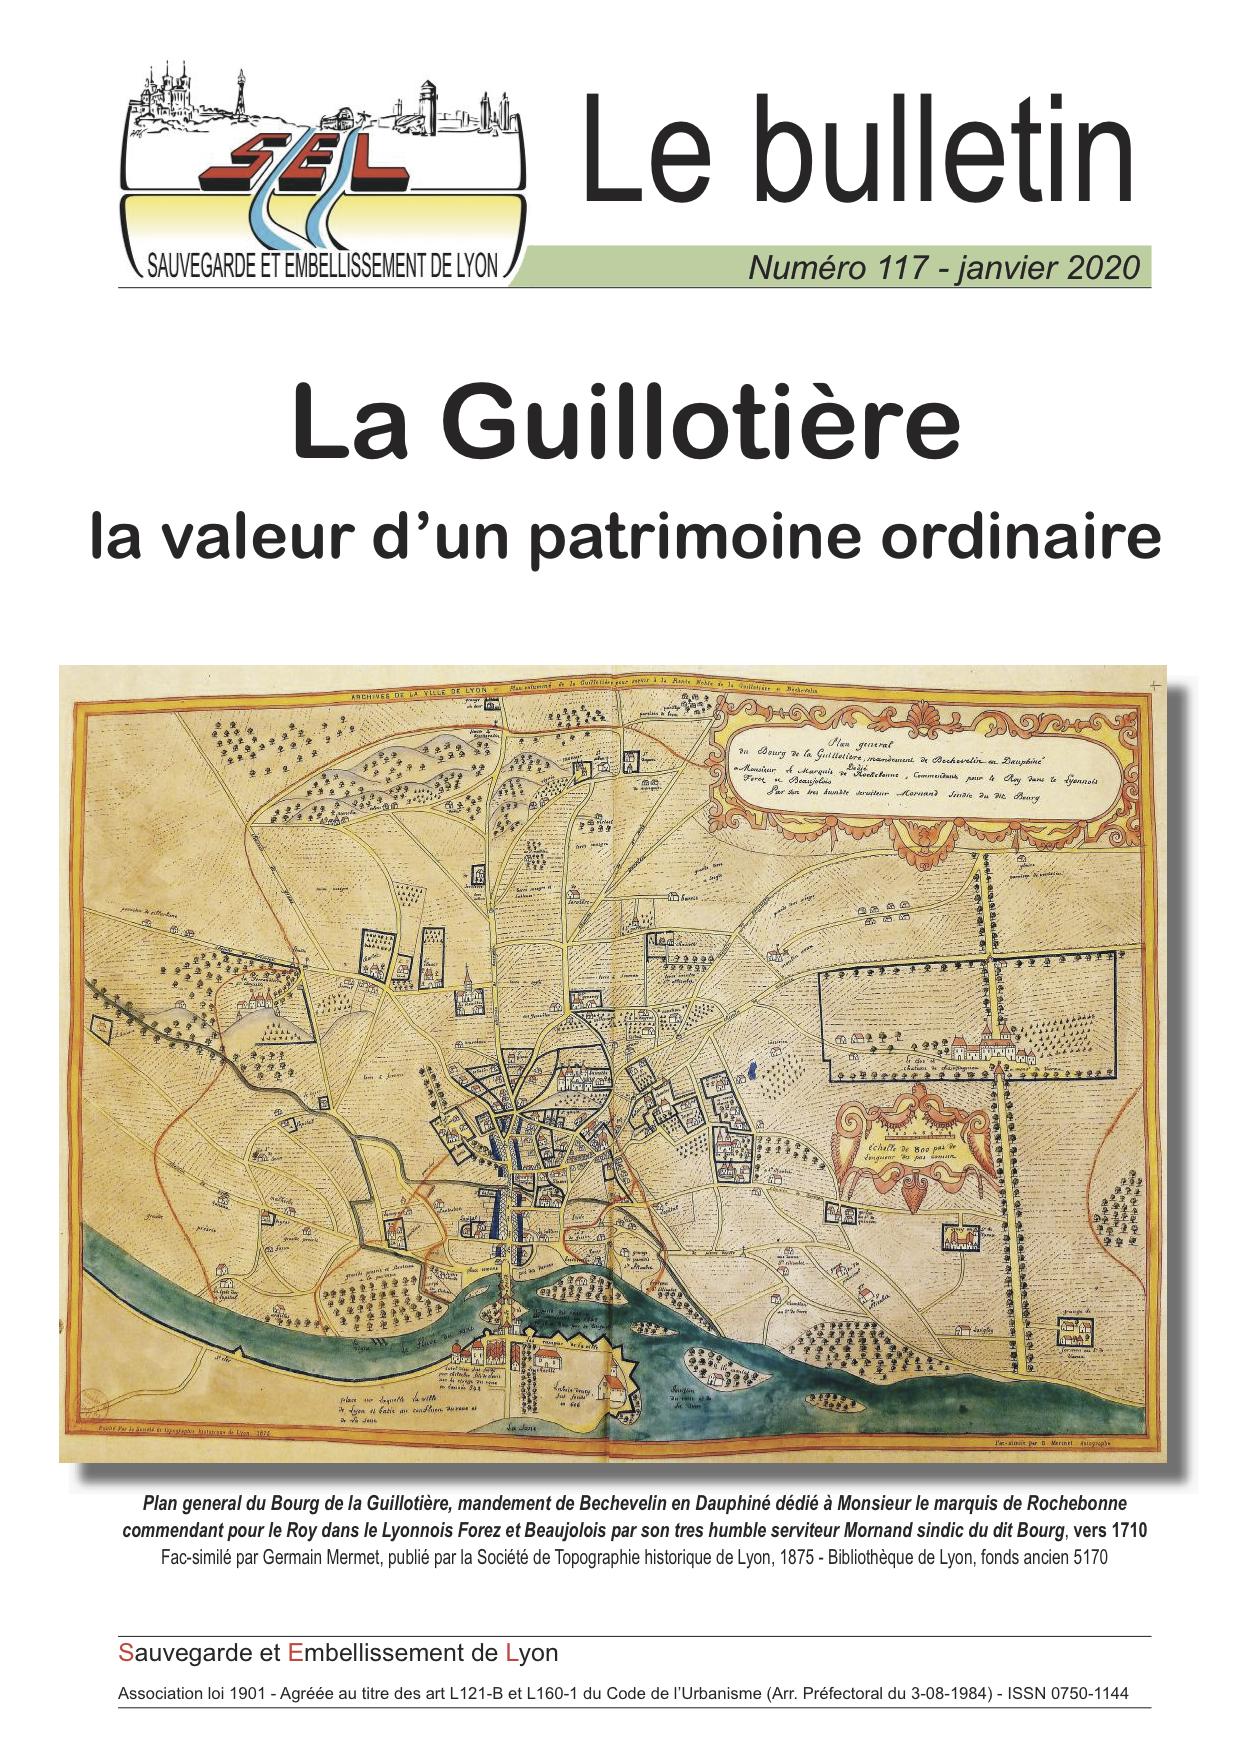 LA GUILLOTIÈRE, LA VALEUR D'UN PATRIMOINE ORDINAIRE